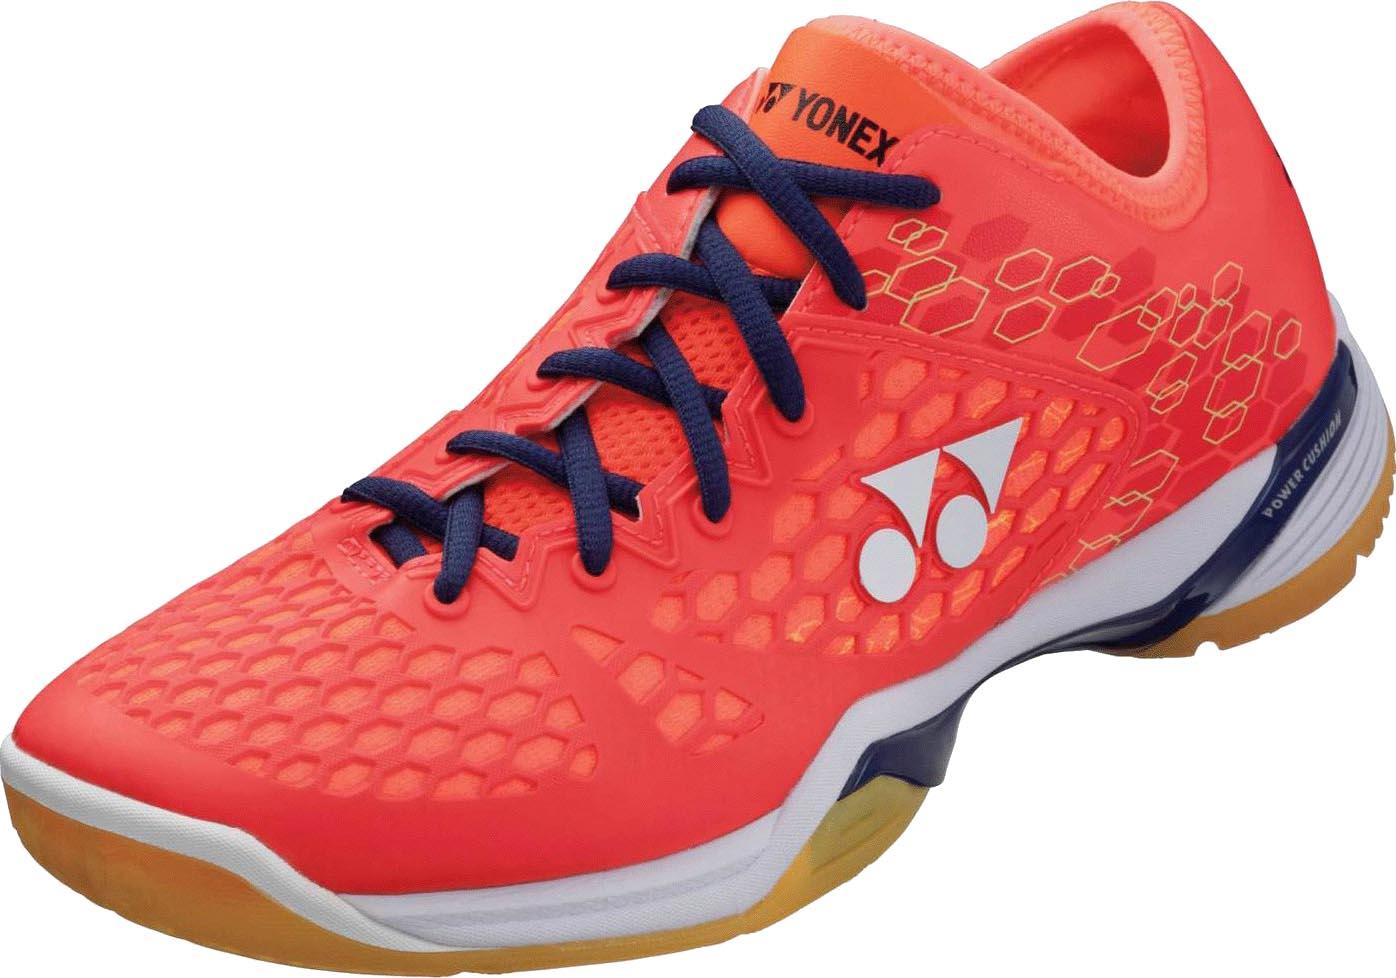 【ポイント】 バドミントン祭 YONEX Badminton Shoes SHB03 POWER CUSION 03 バドミントン パワークッション03 インタノン リンダン リーチョンウェイ 桃田 リンダン 山口 大堀 SHB03 HSB-03 エムアシスト